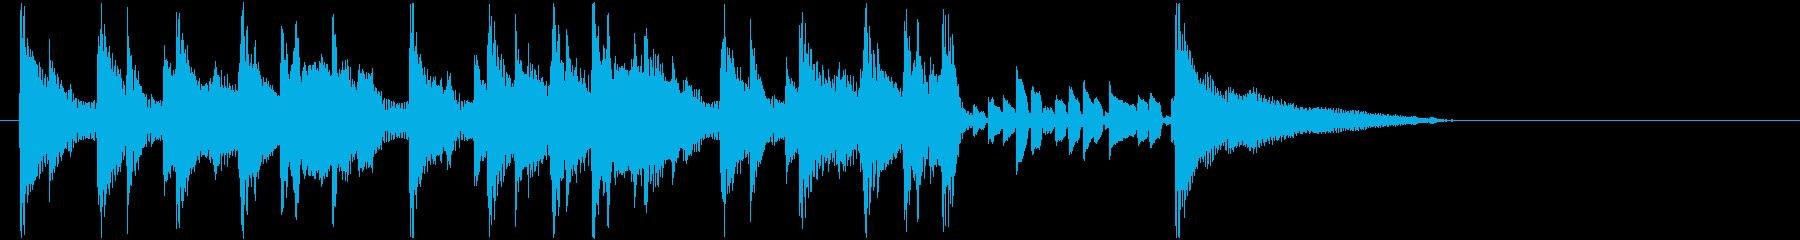 おしゃれなジャズ風の明るいジングルの再生済みの波形